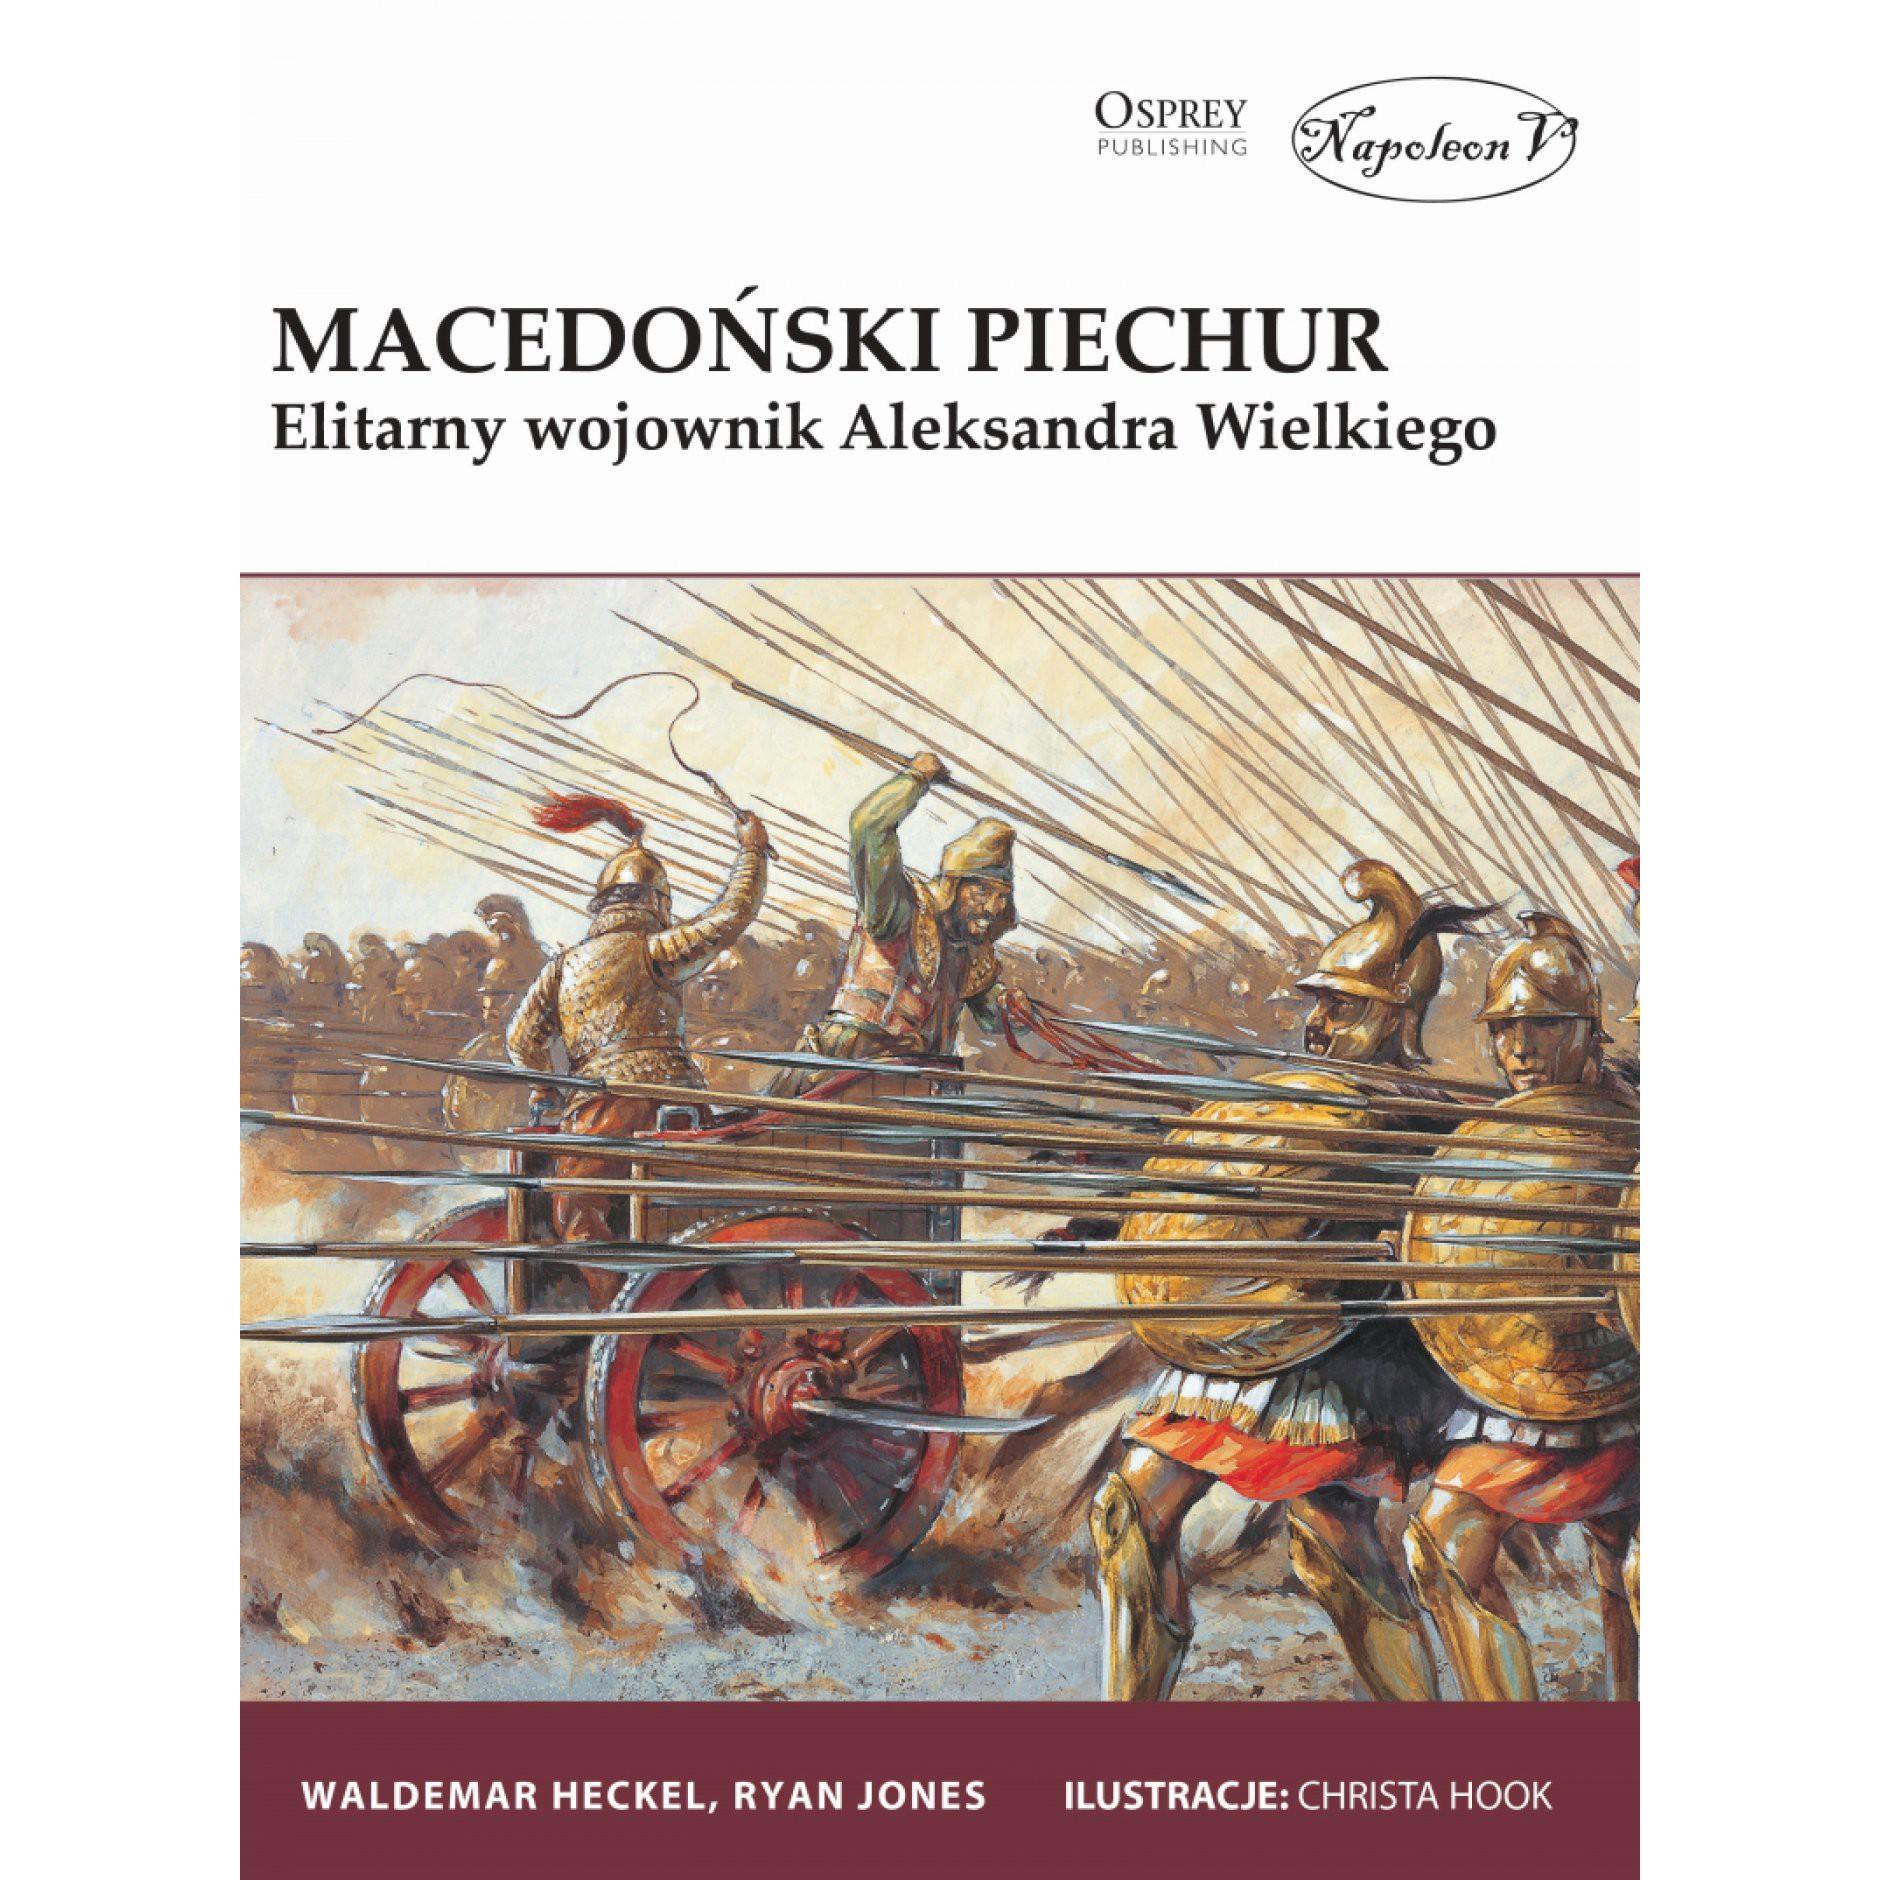 Macedoński piechur. Elitarny wojownik Aleksandra Wielkiego